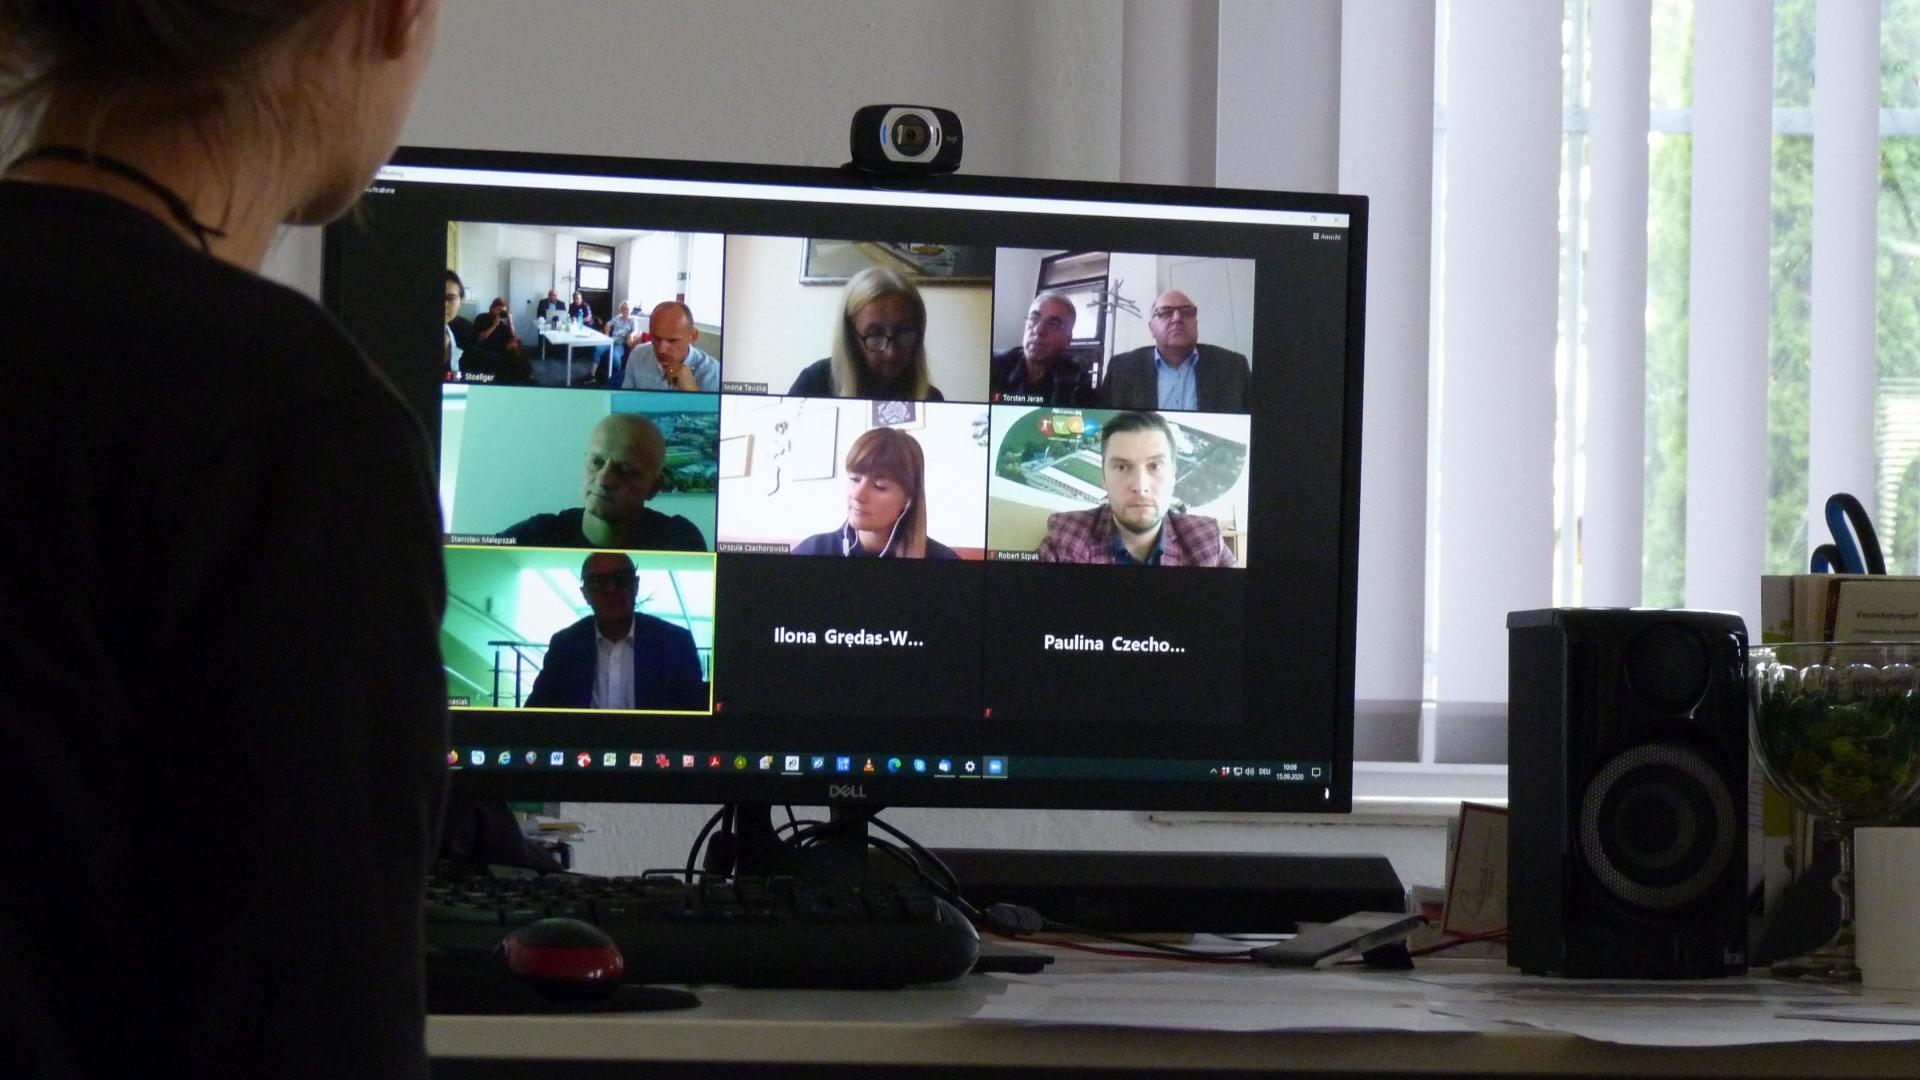 Polnisch-Deutsche Videokonferenz